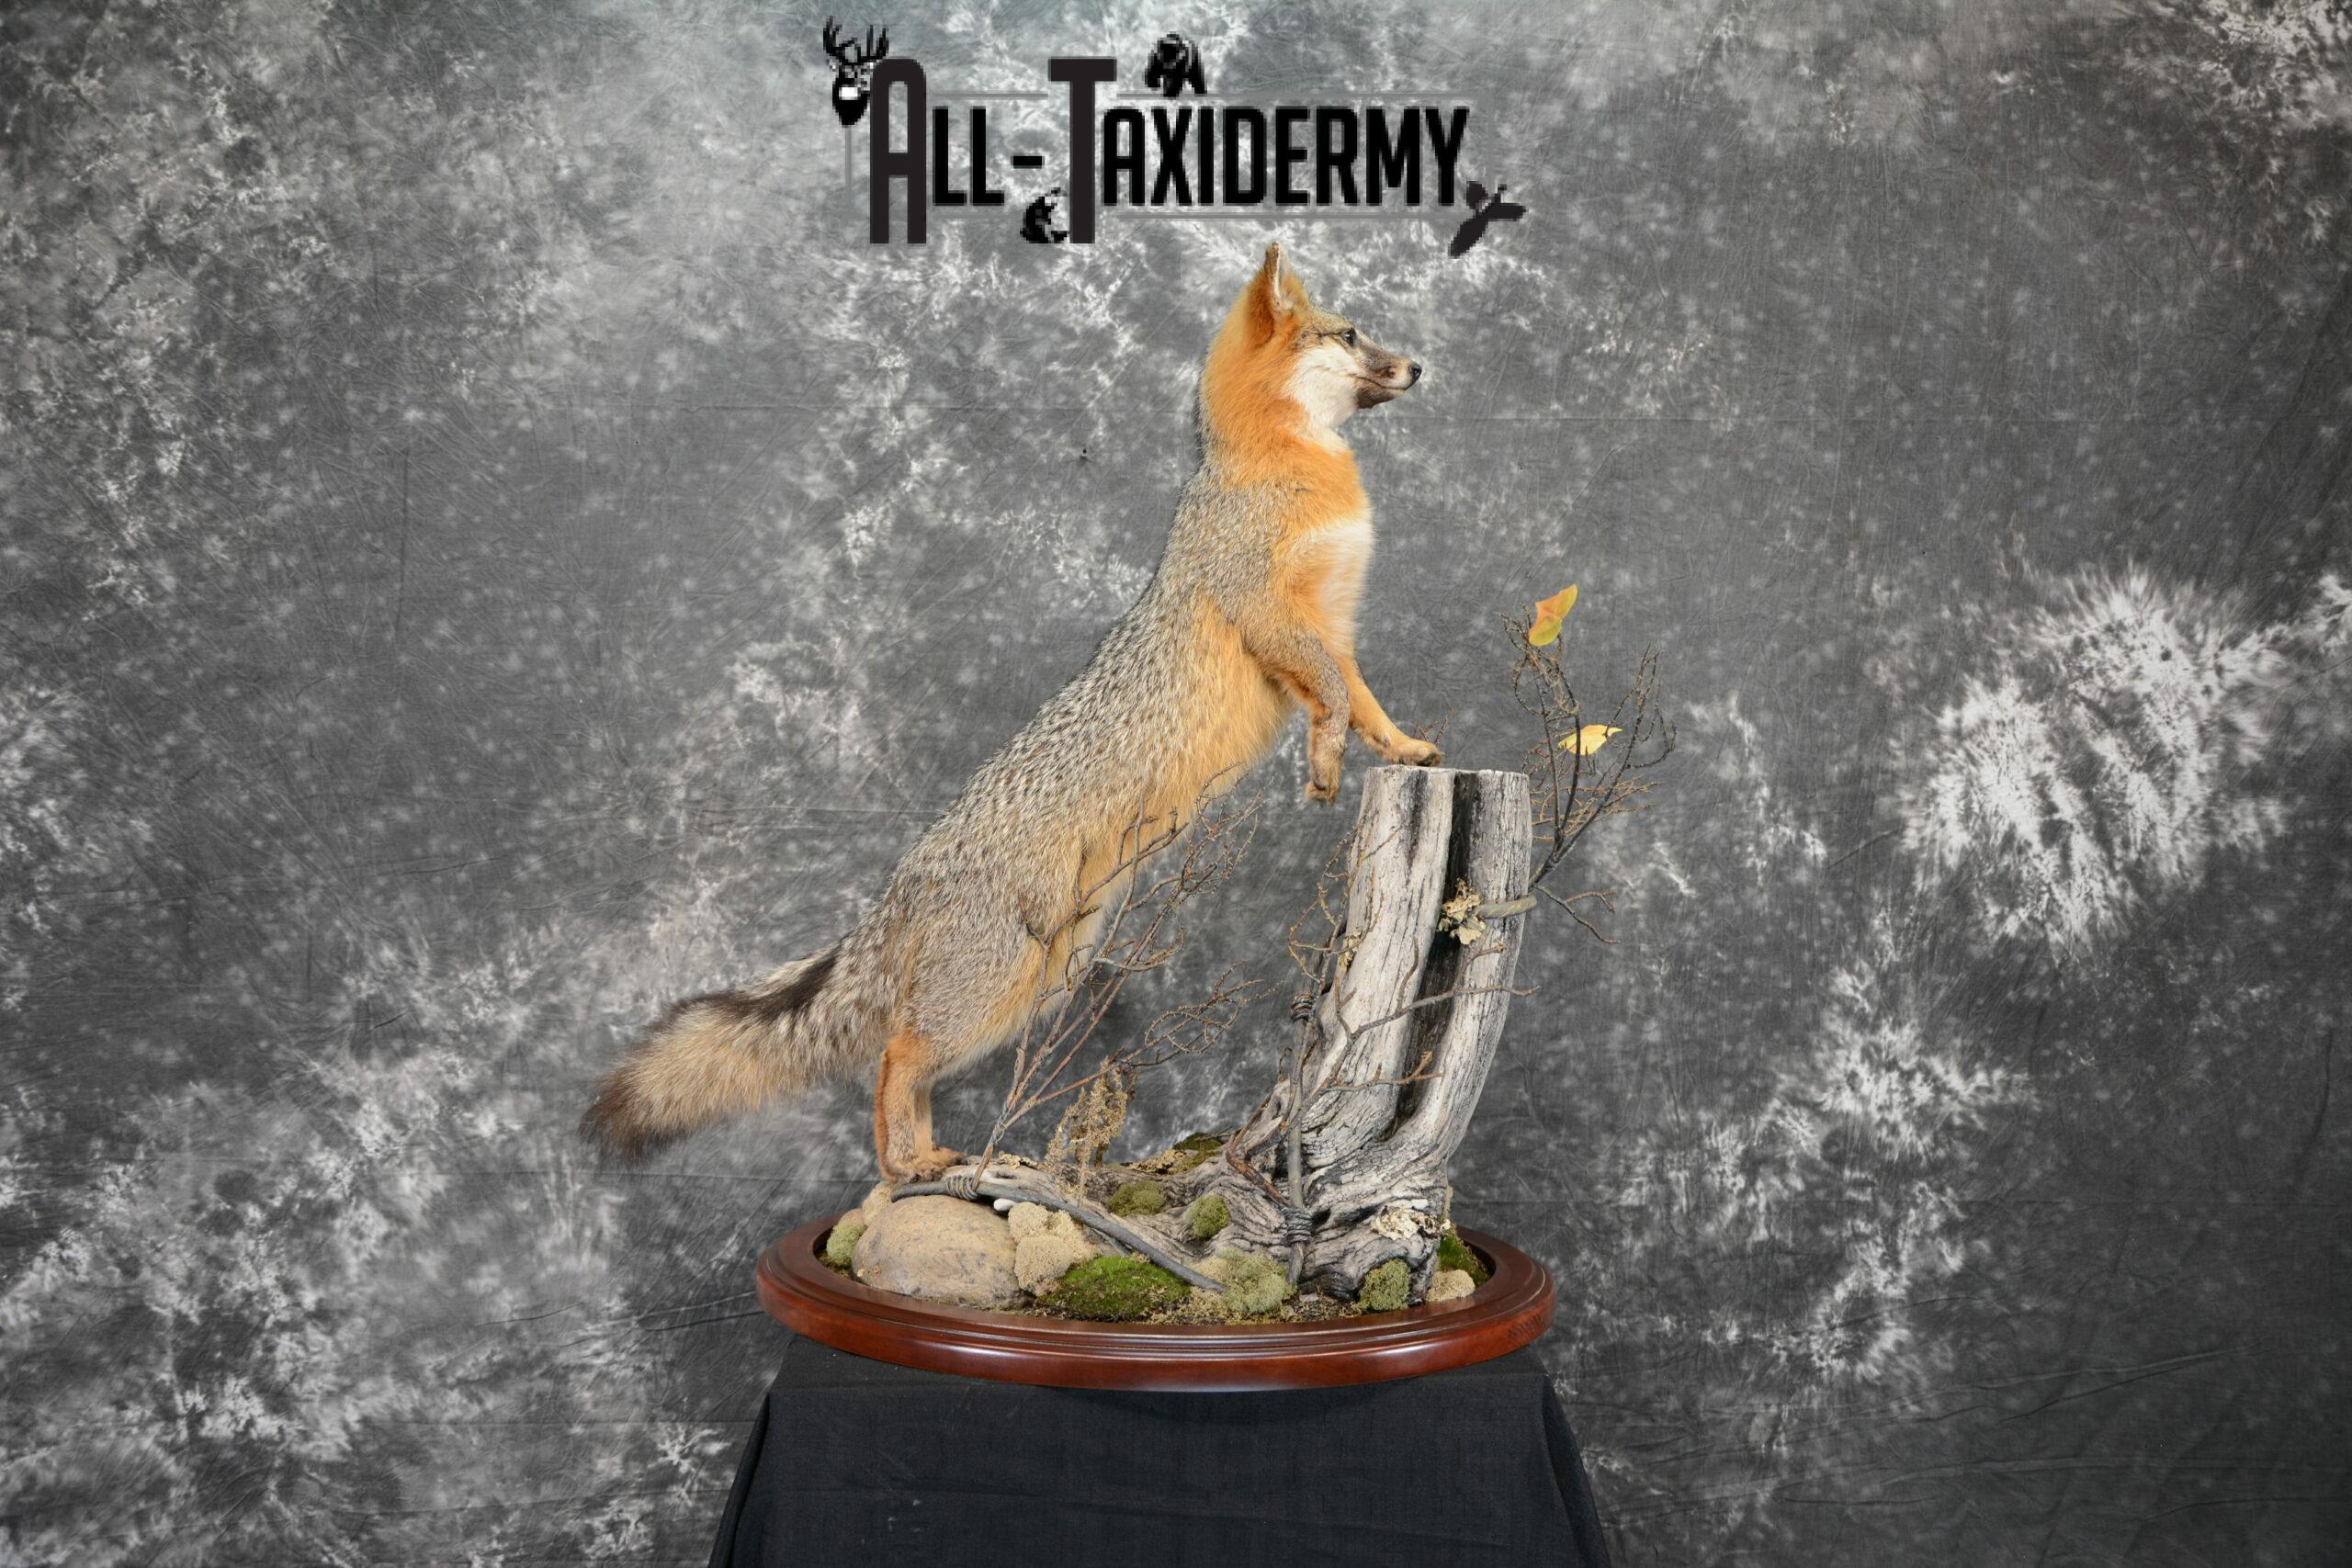 Gray Fox Taxidermy for Sale SKU 1062